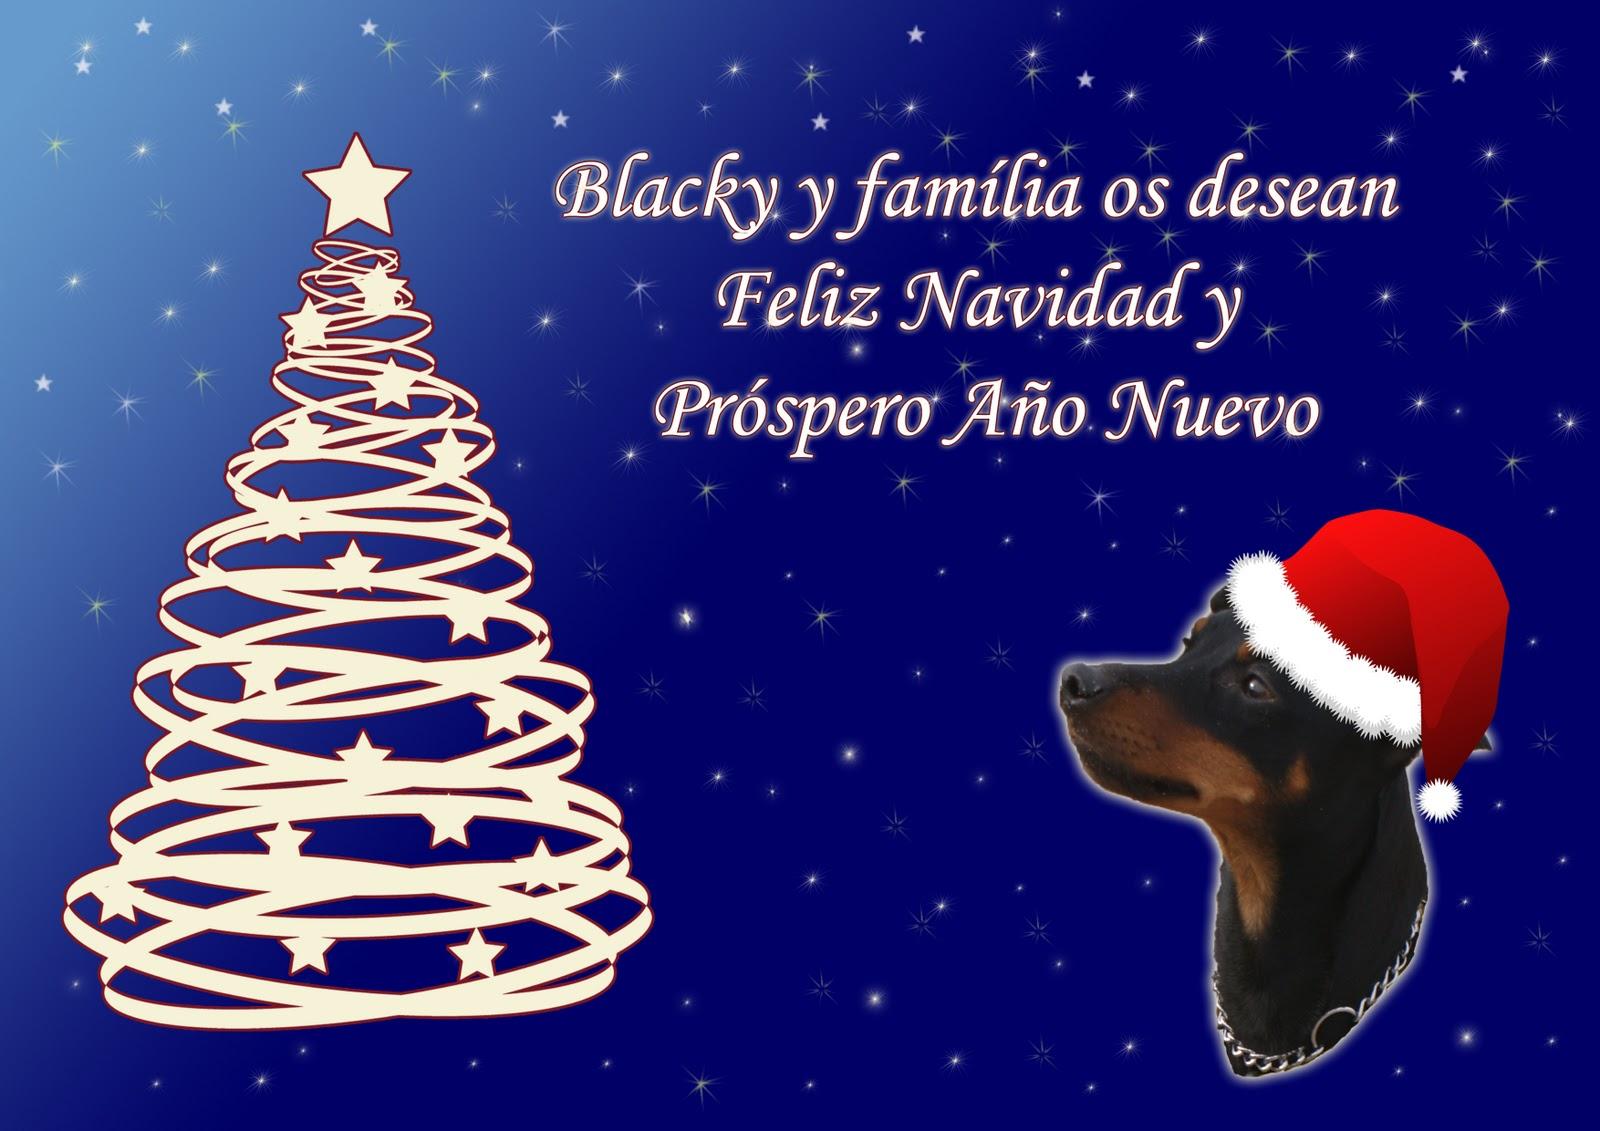 La c mara de loli felicitaciones de navidad - Tarjetas felicitacion navidad ...